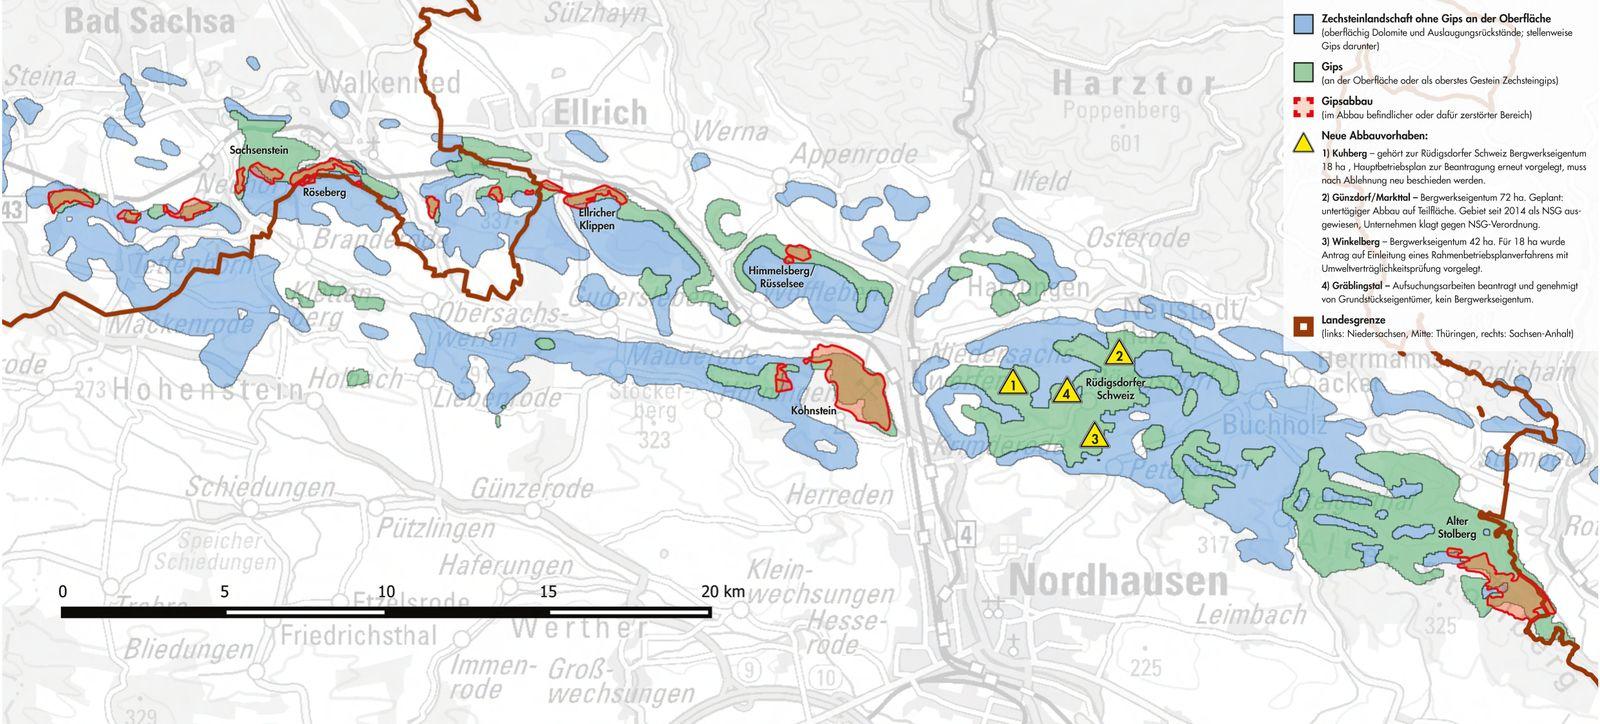 EINMALIGE VERWENDUNG Rohstoffabbau/ Thüringen/ Gips/ Karte